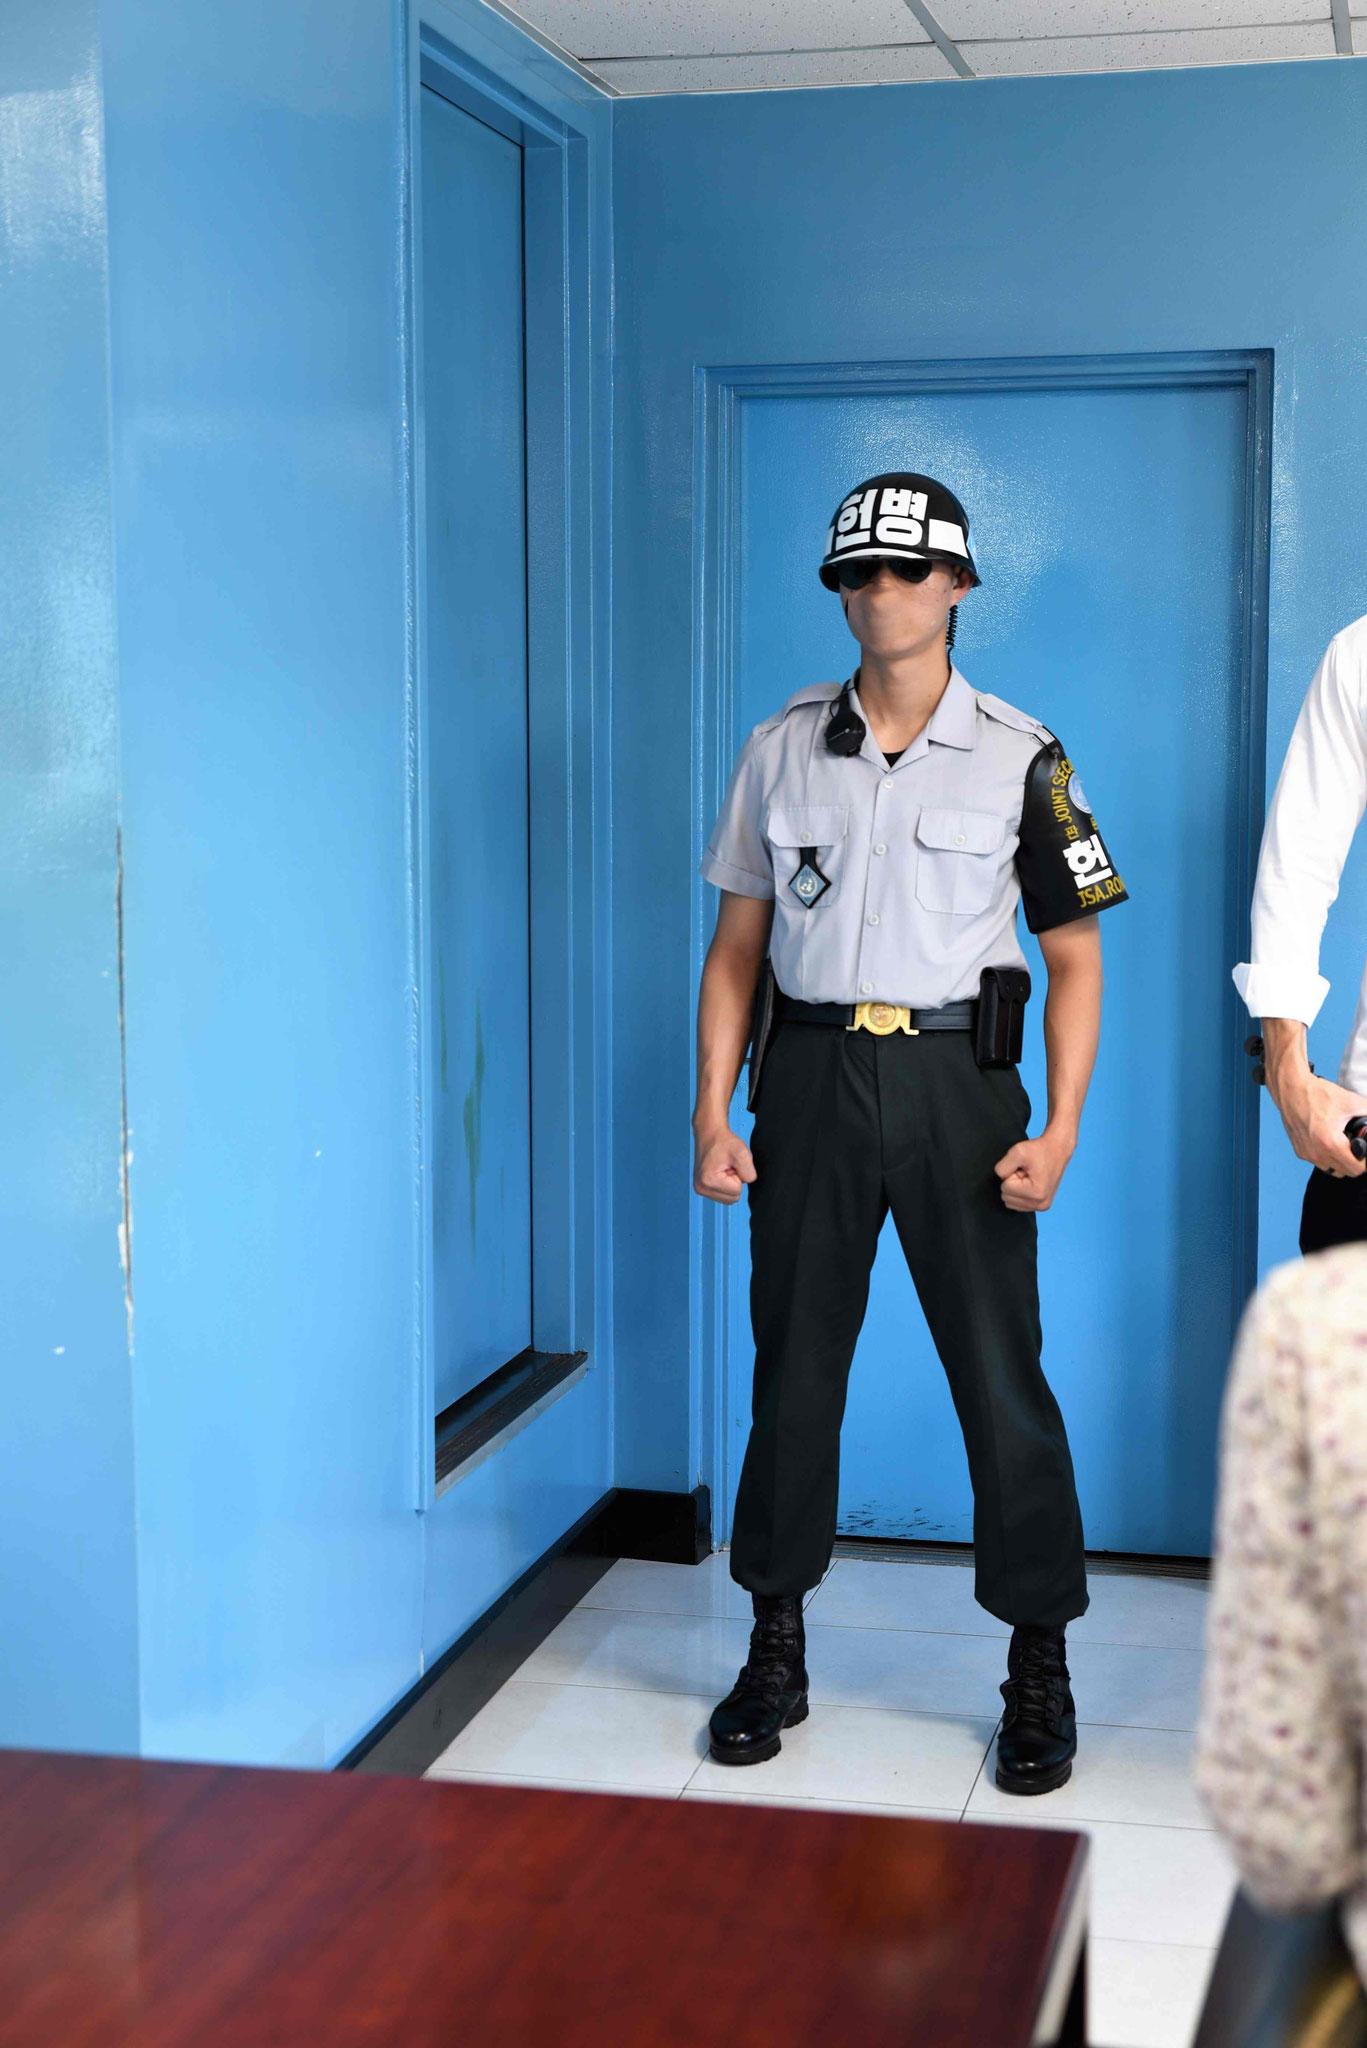 Man beachte die Körperhaltung des Nordkoreaners